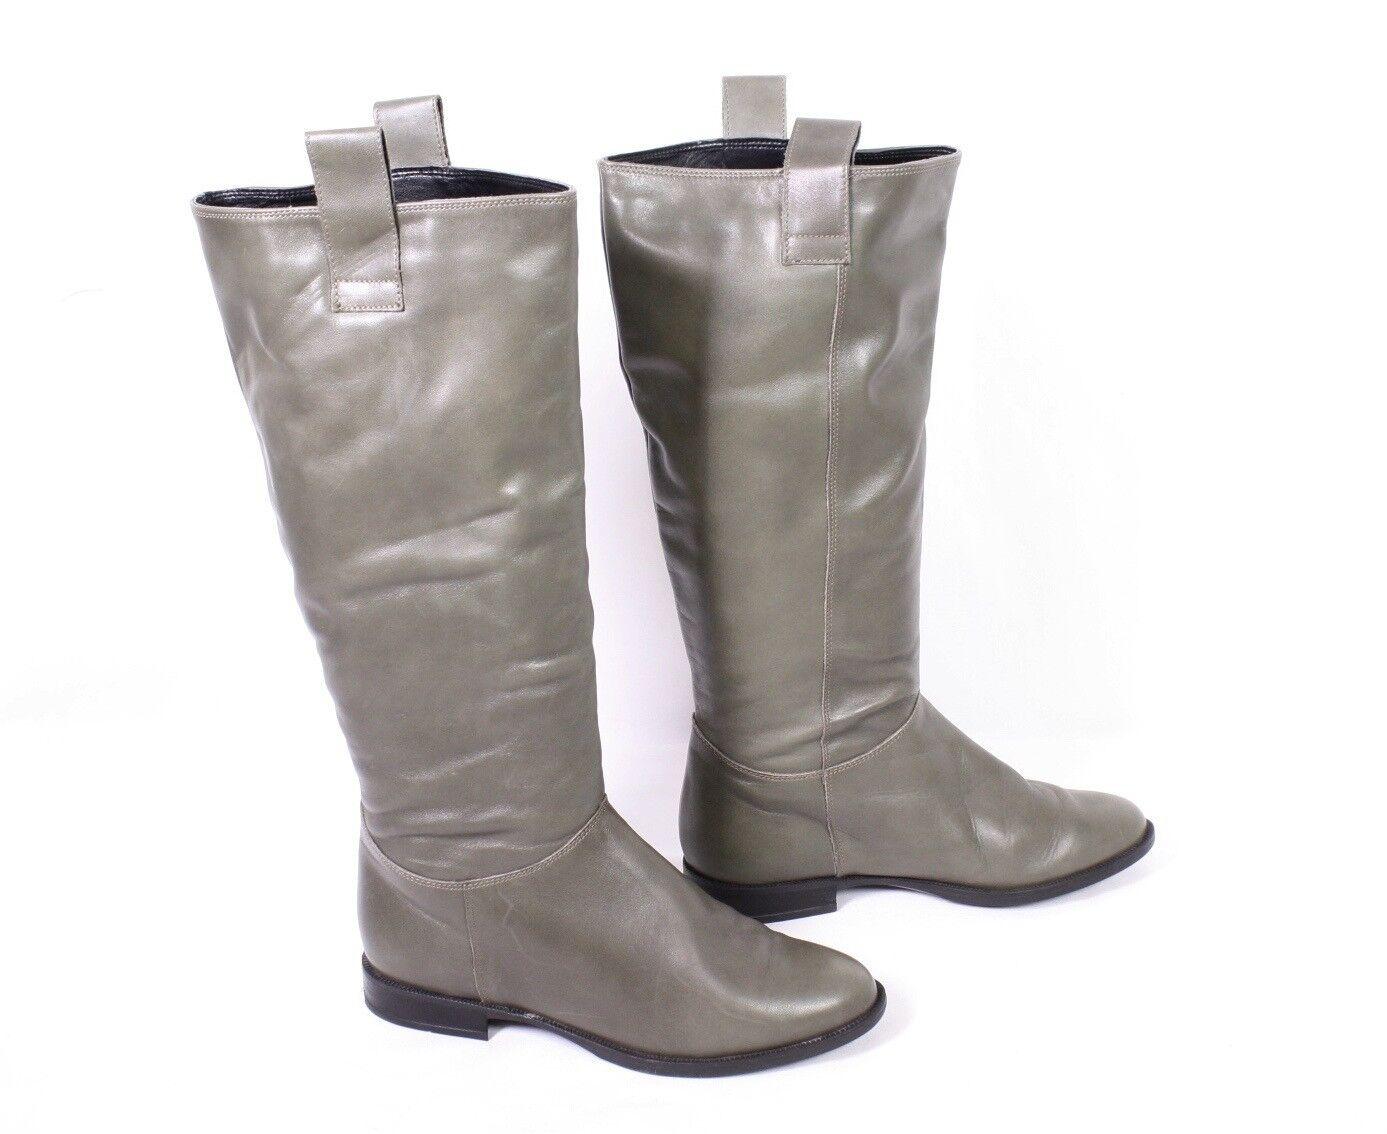 32s yessica botas talla 38 de cuero caqui jinete look plana apartado de lejos